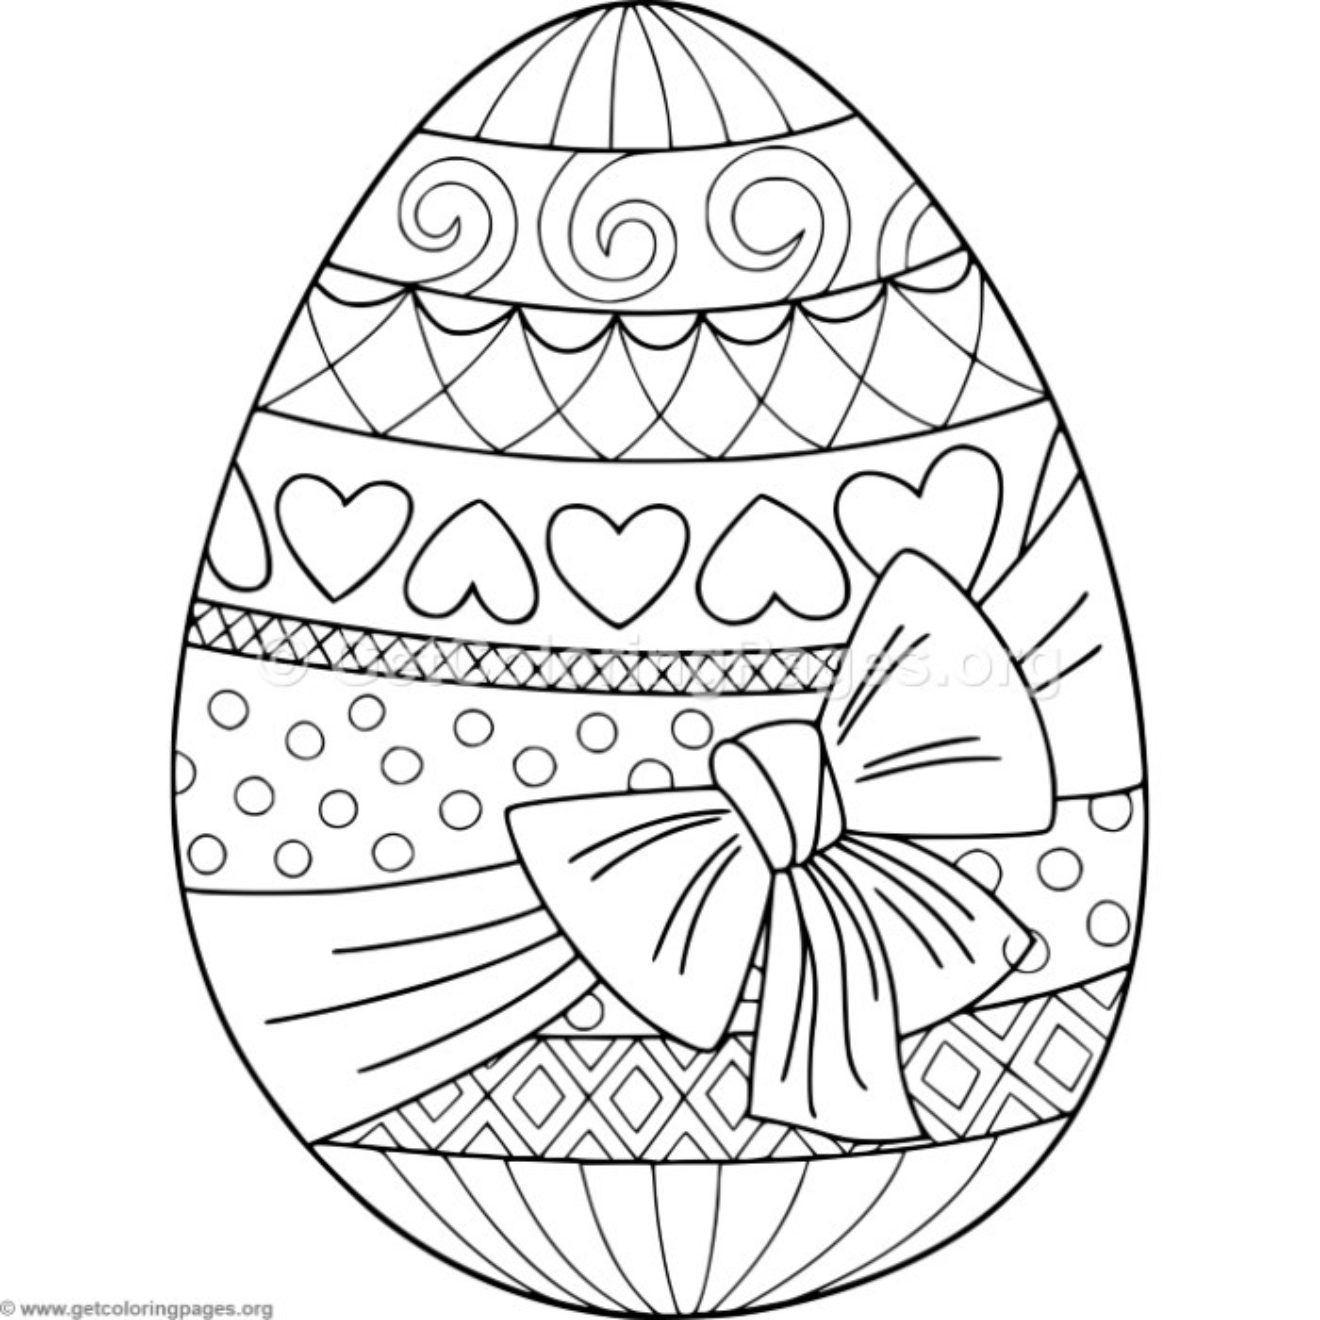 Ostern Malvorlagen - Getcoloringpages | Malvorlagen in Oster Malvorlagen